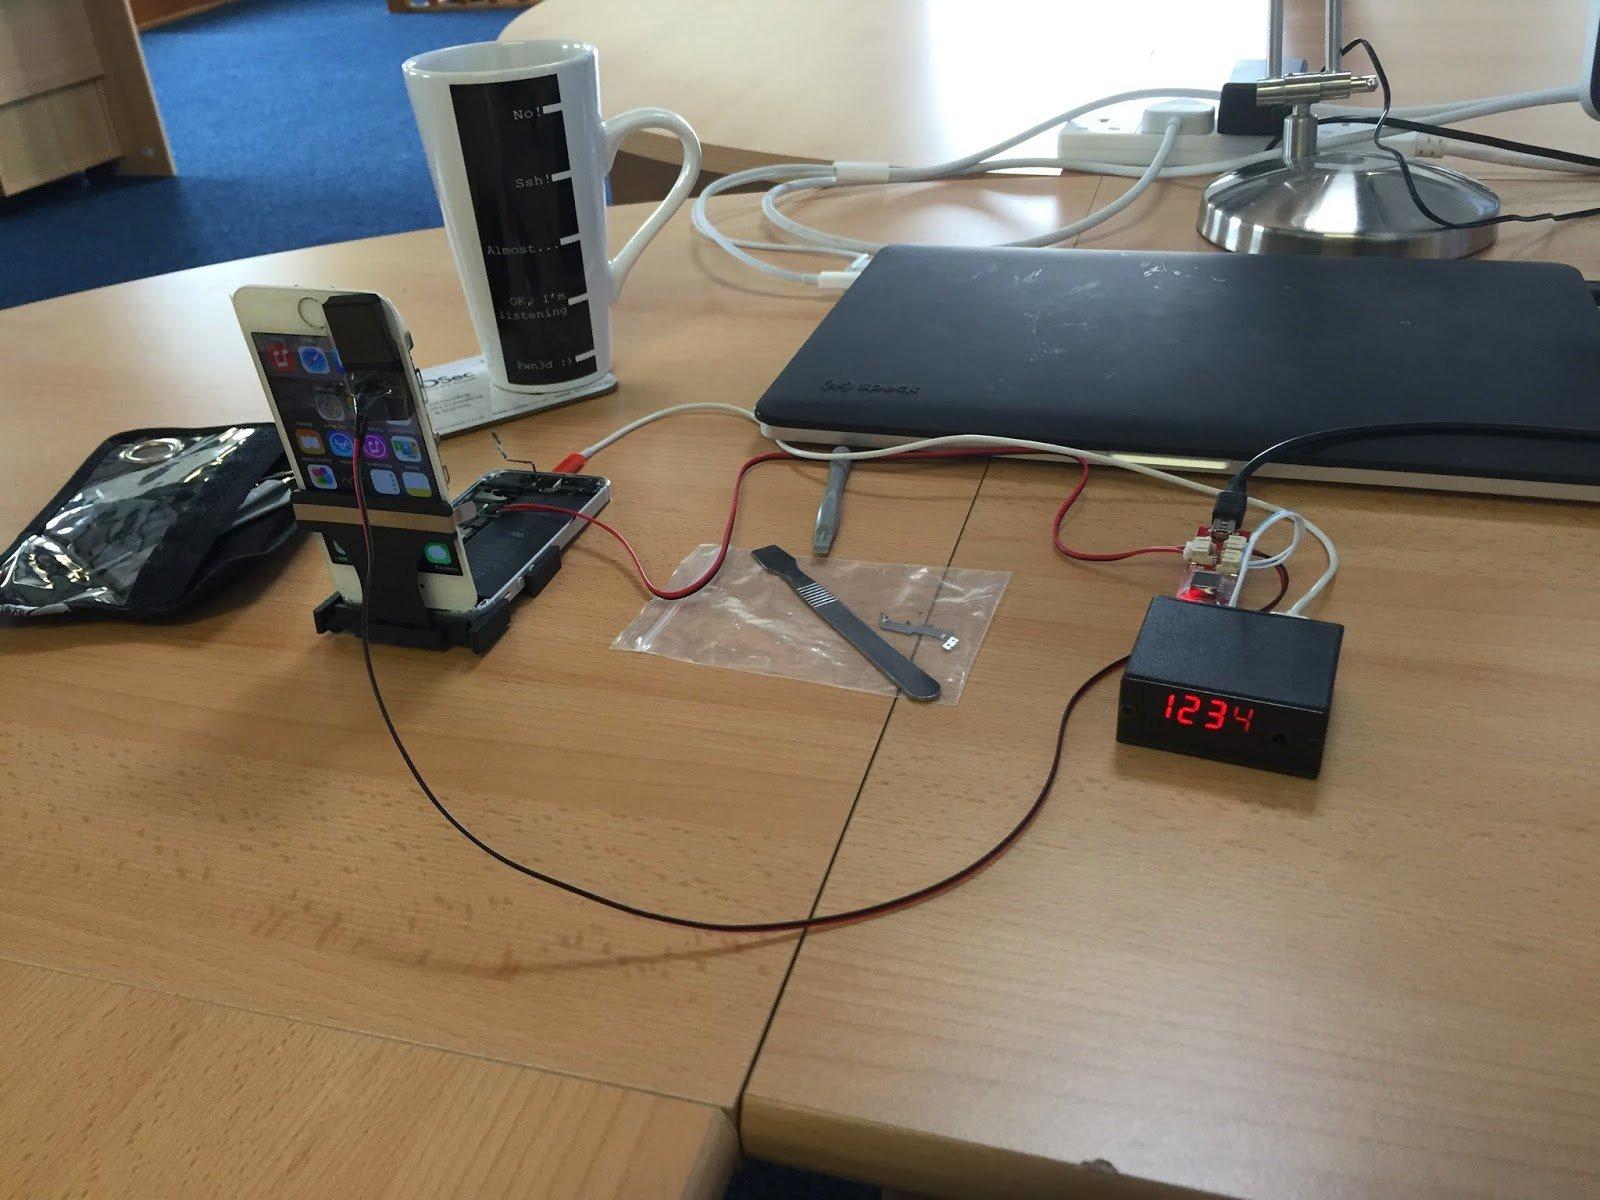 IP Box iPhone passcode hack